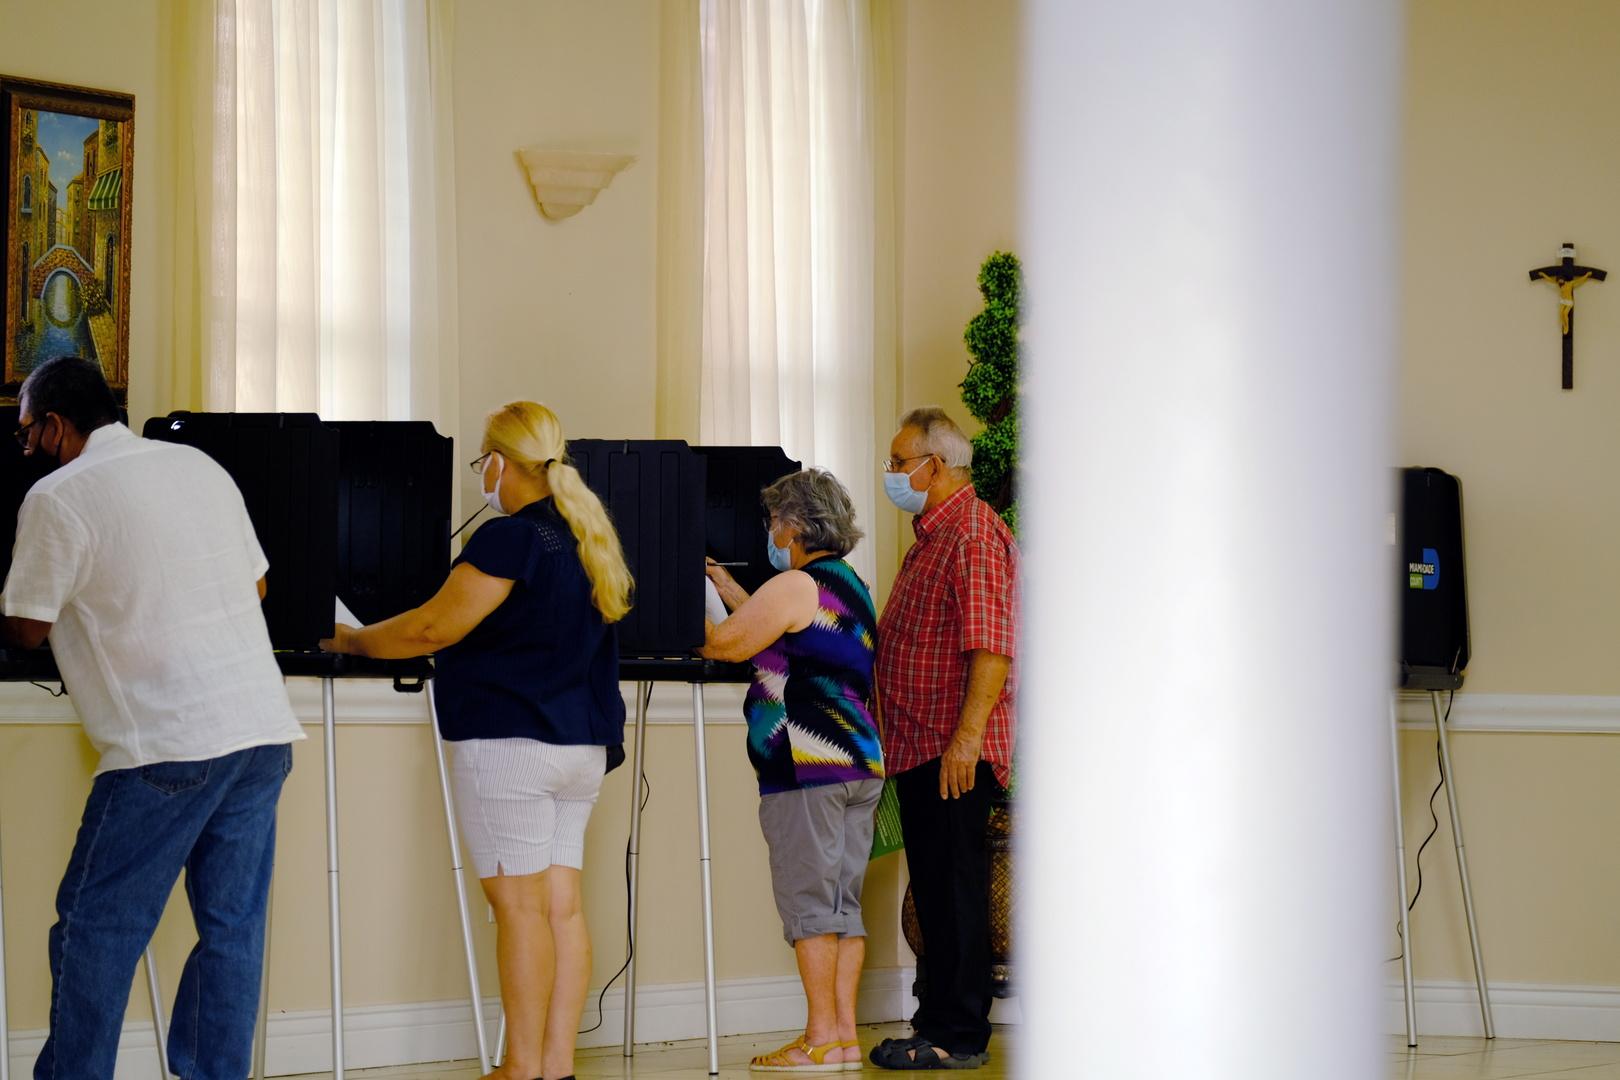 التصويت بأحد مراكز الاقتراع في الانتخابات الرئاسية الأمريكية الأخيرة